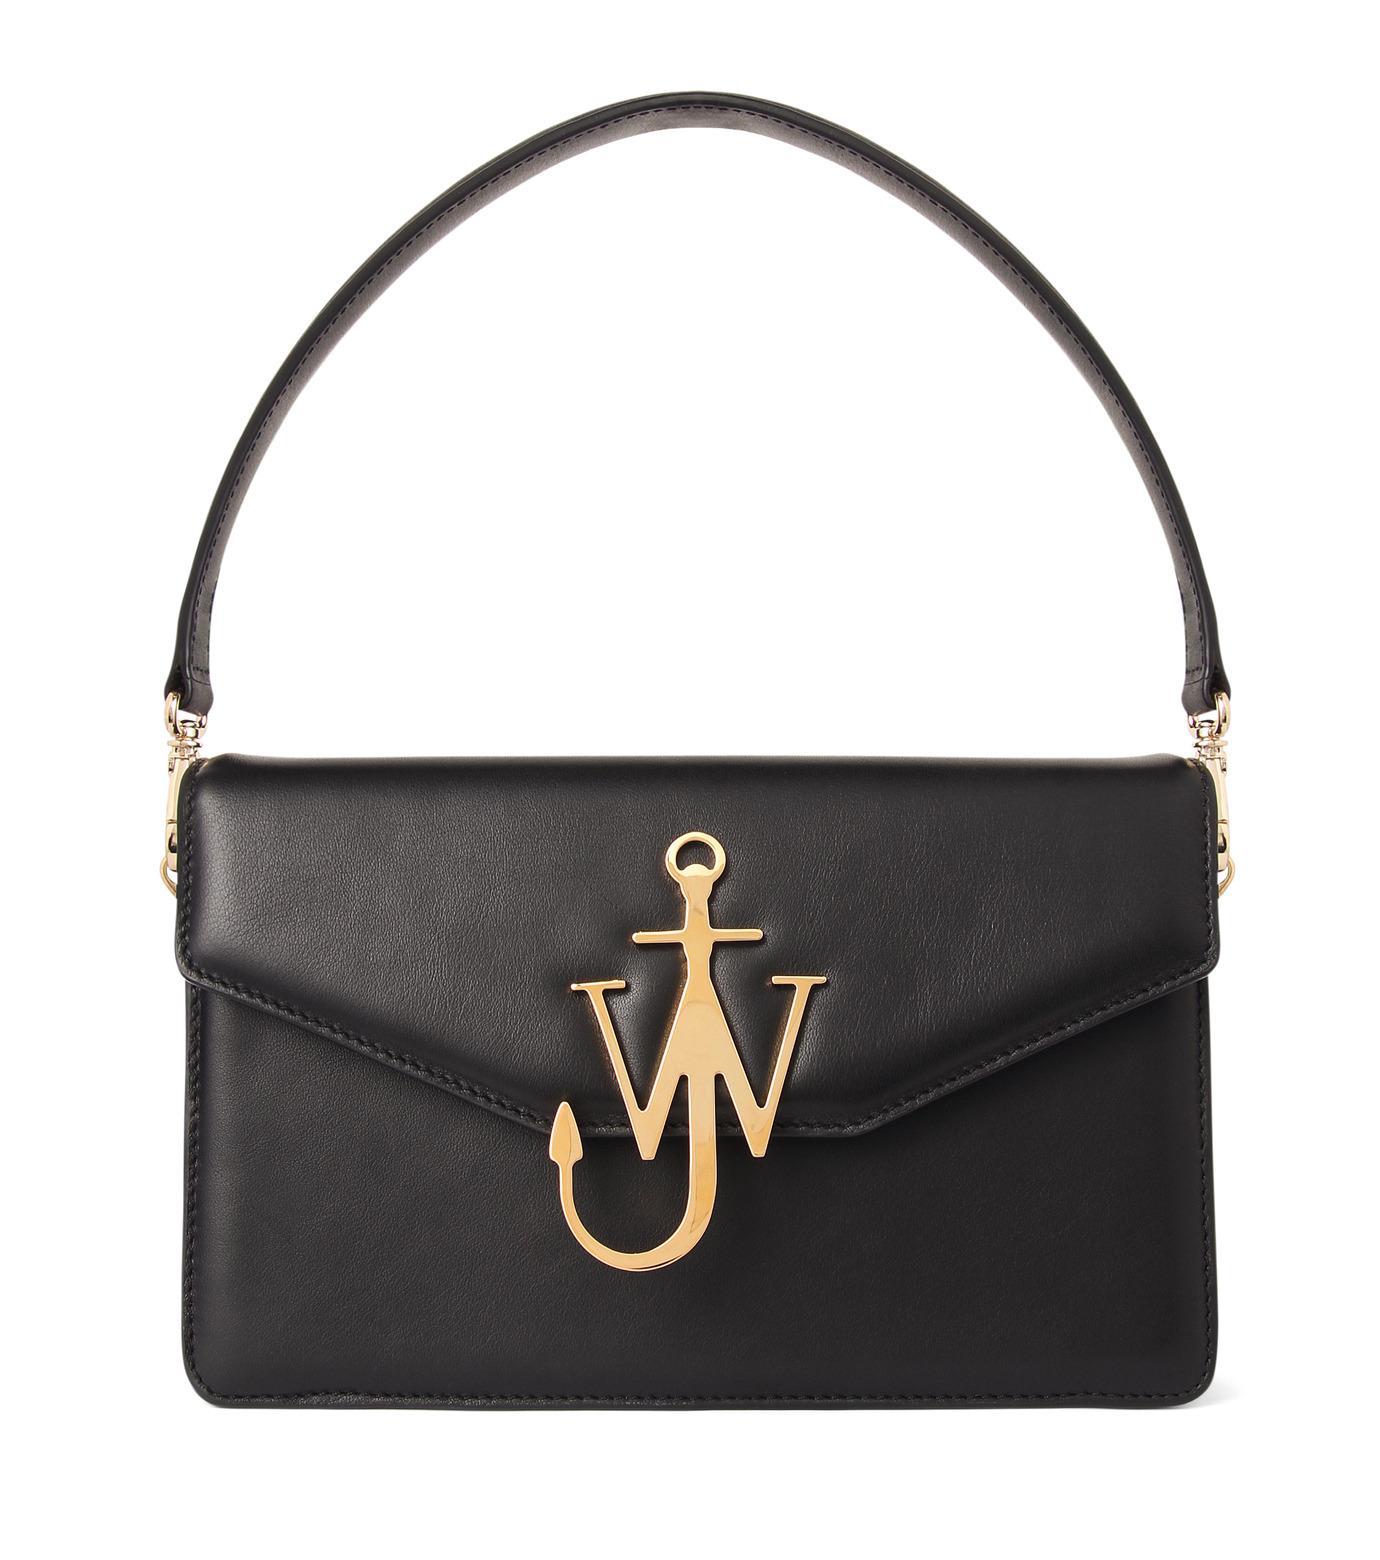 J.W.Anderson(ジェイダブリュー アンダーソン)のLogo Purse-BLACK(ハンドバッグ/hand bag)-HB03615-13 拡大詳細画像1